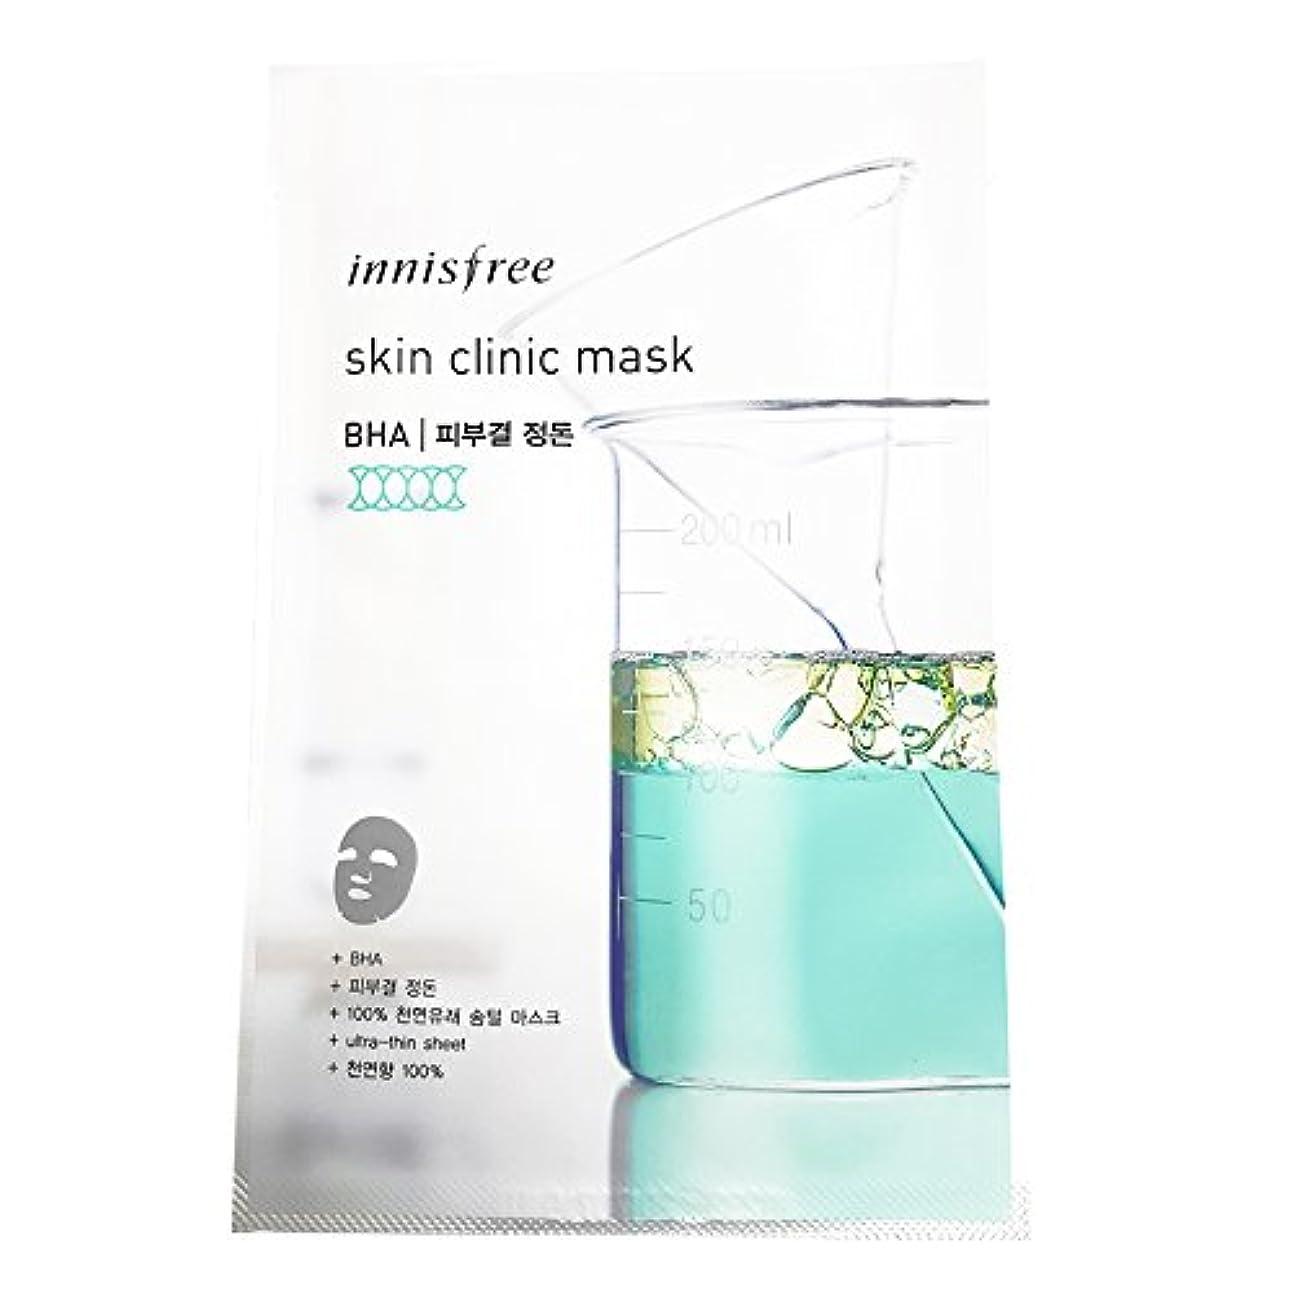 精算城掻く[イニスプリー] Innisfree スキンクリニックマスク(20ml)-BHA(肌別整頓) Innisfree Skin Clinic Mask(20ml)-BHA [海外直送品]